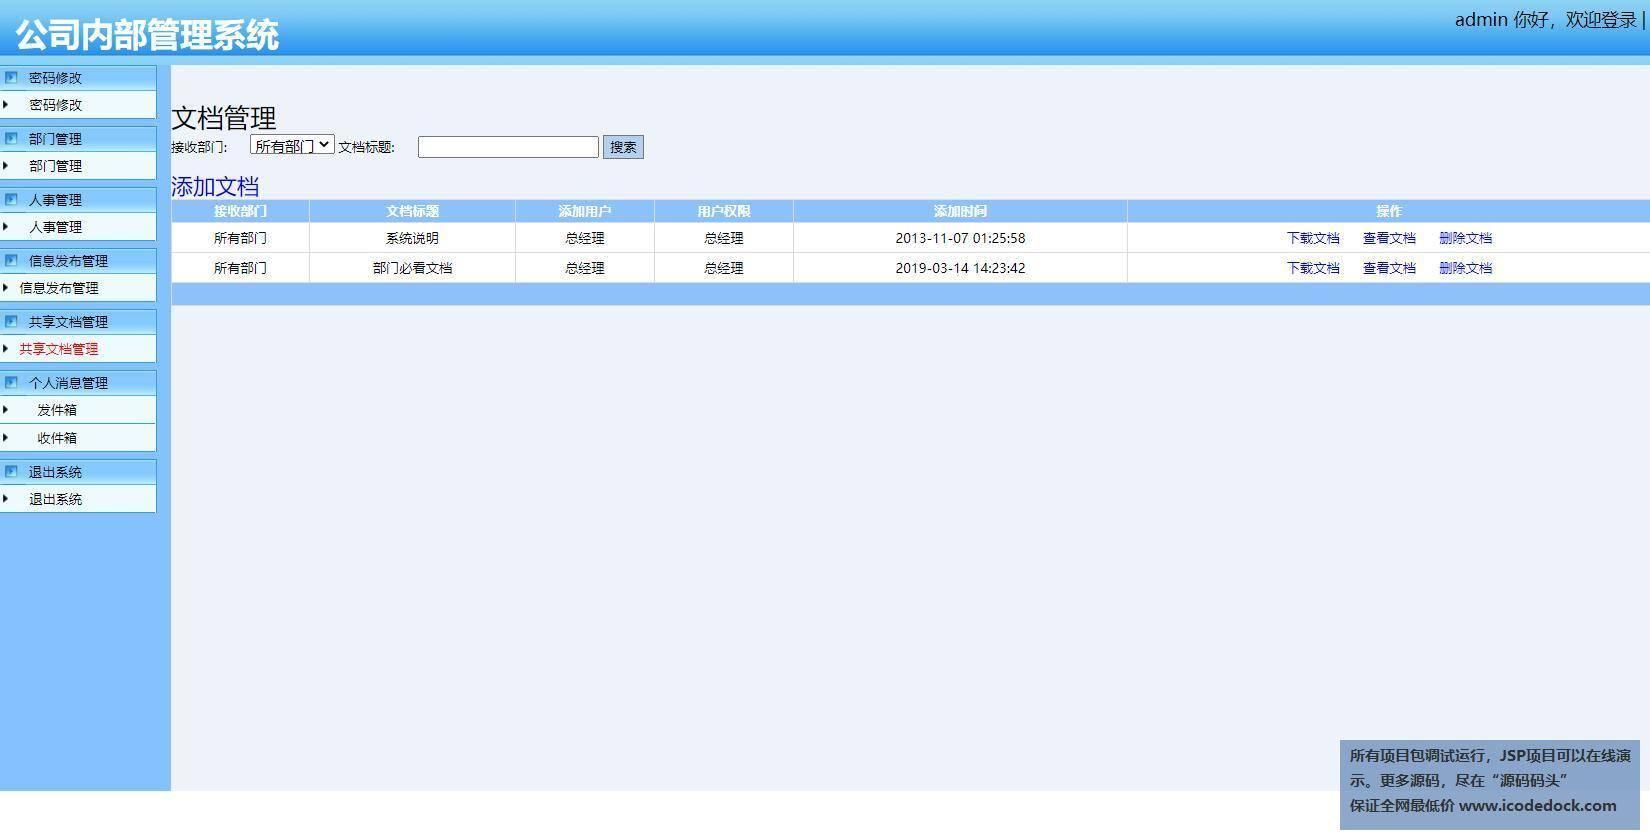 源码码头-SSH公司内部办公自动化管理系统-管总经理角色-共享文档管理